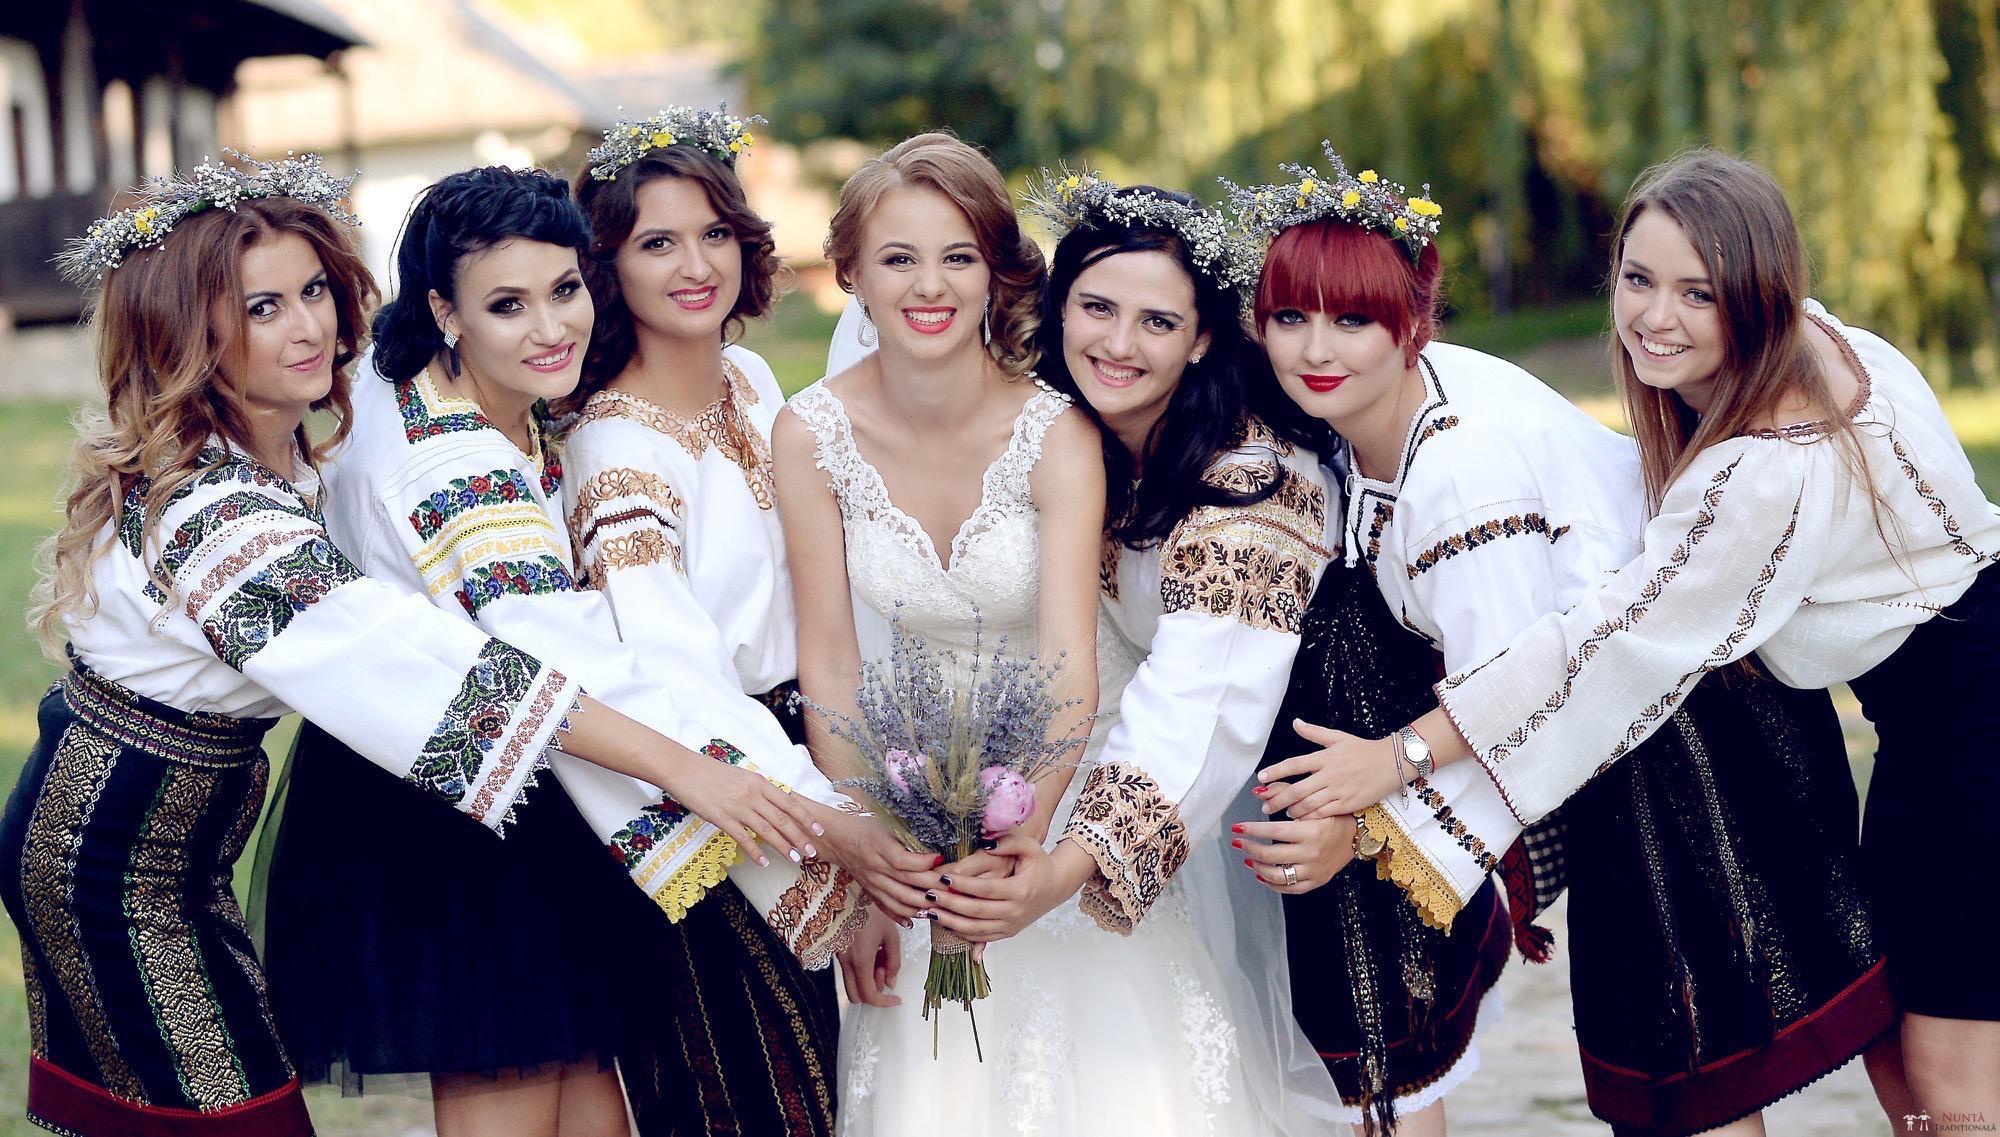 Povești Nunți Tradiționale - Iulia și Andrei. Nuntă tradițională în Bucovina. 73